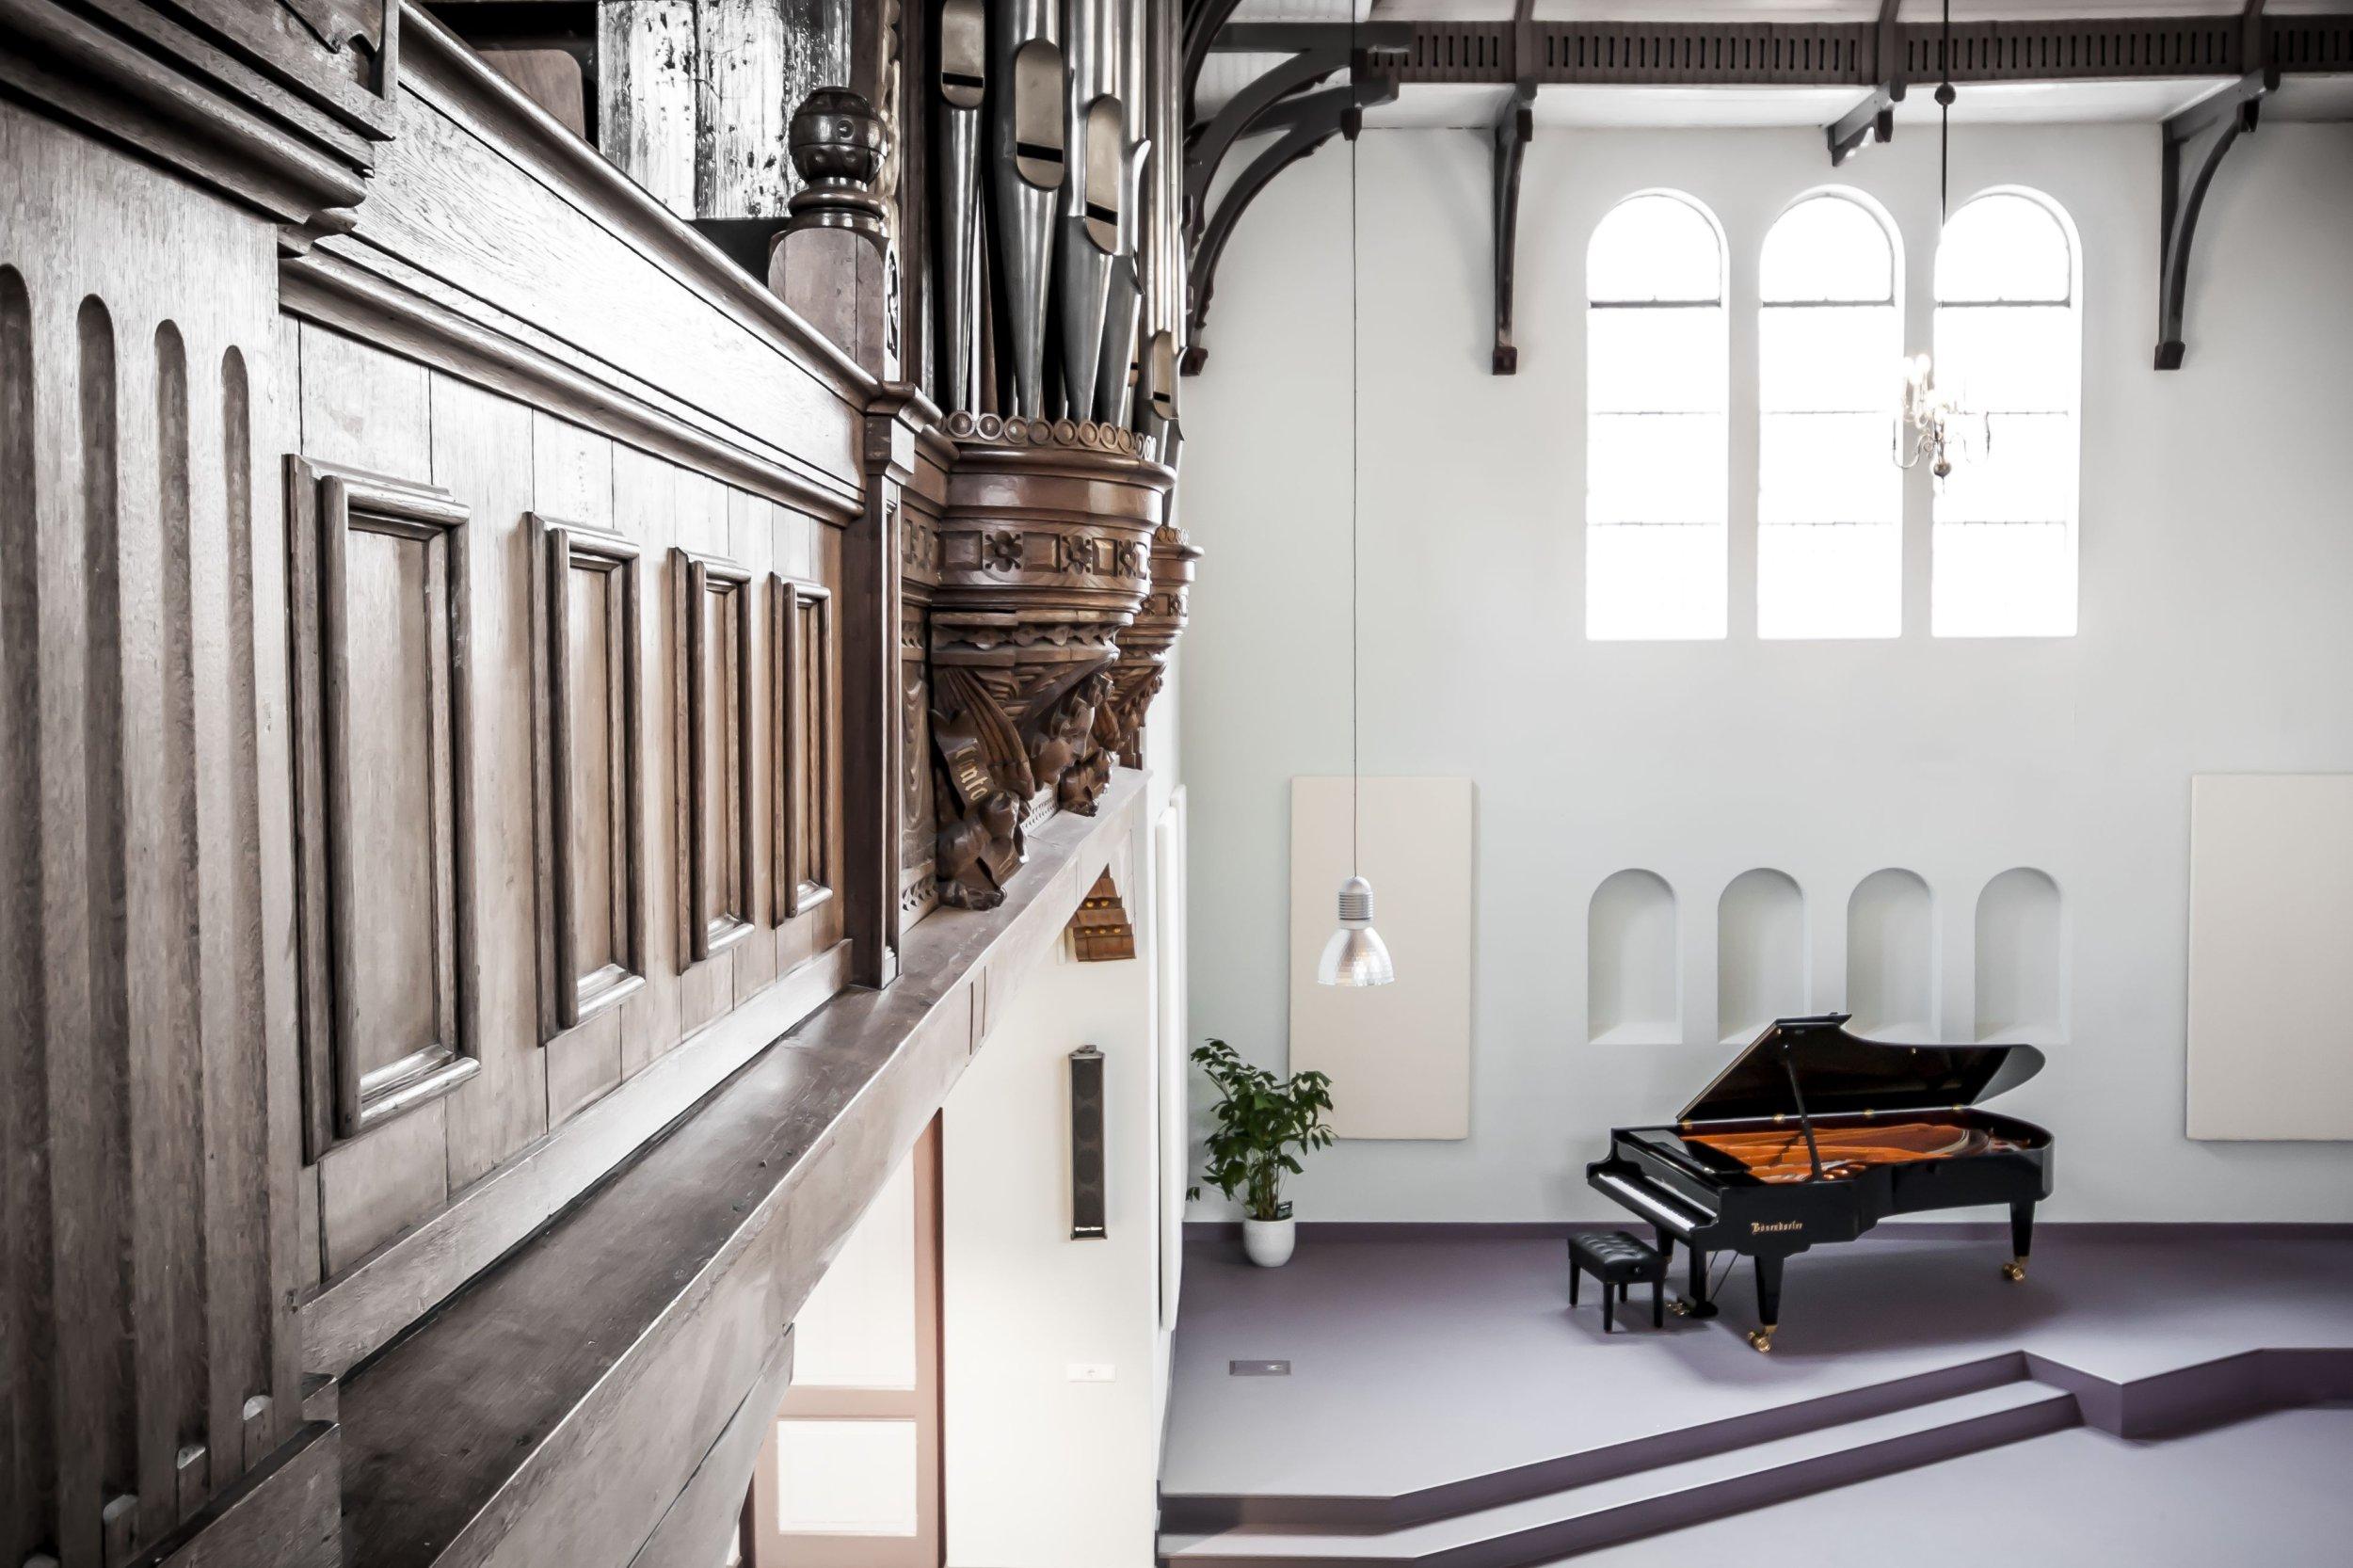 176104 Edesche Concertzaal - Vanaf Orgel kijkje op Bosendorfer